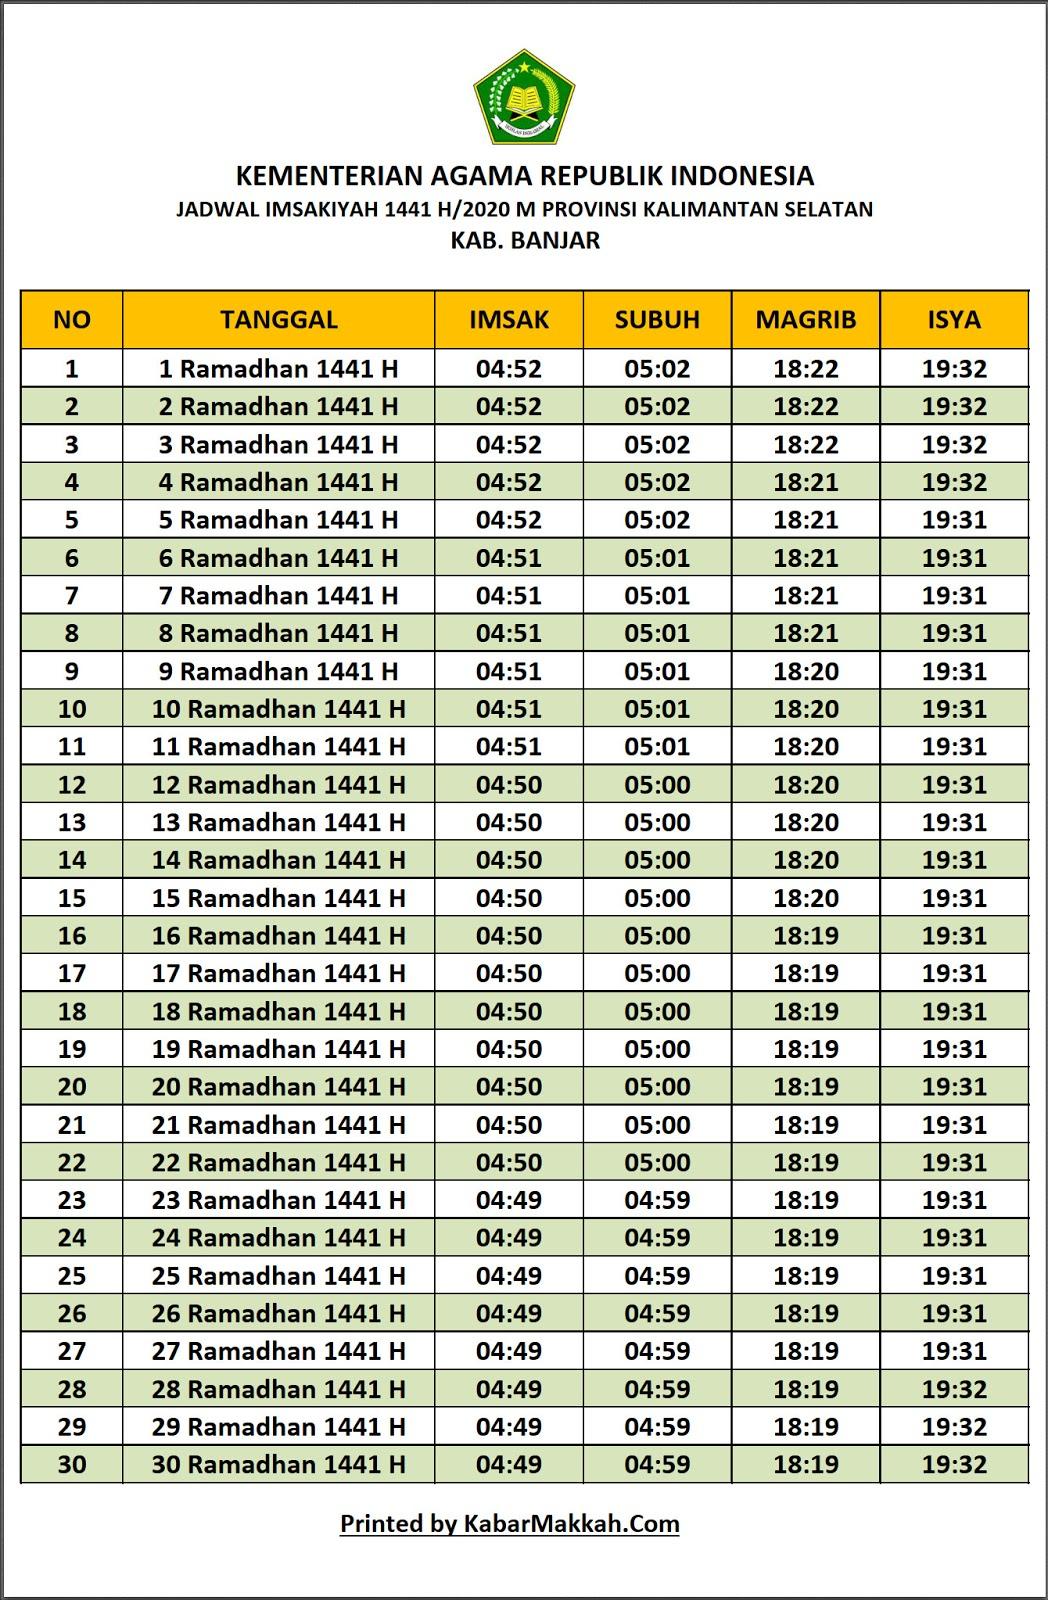 Jadwal Imsakiyah Banjar 2020